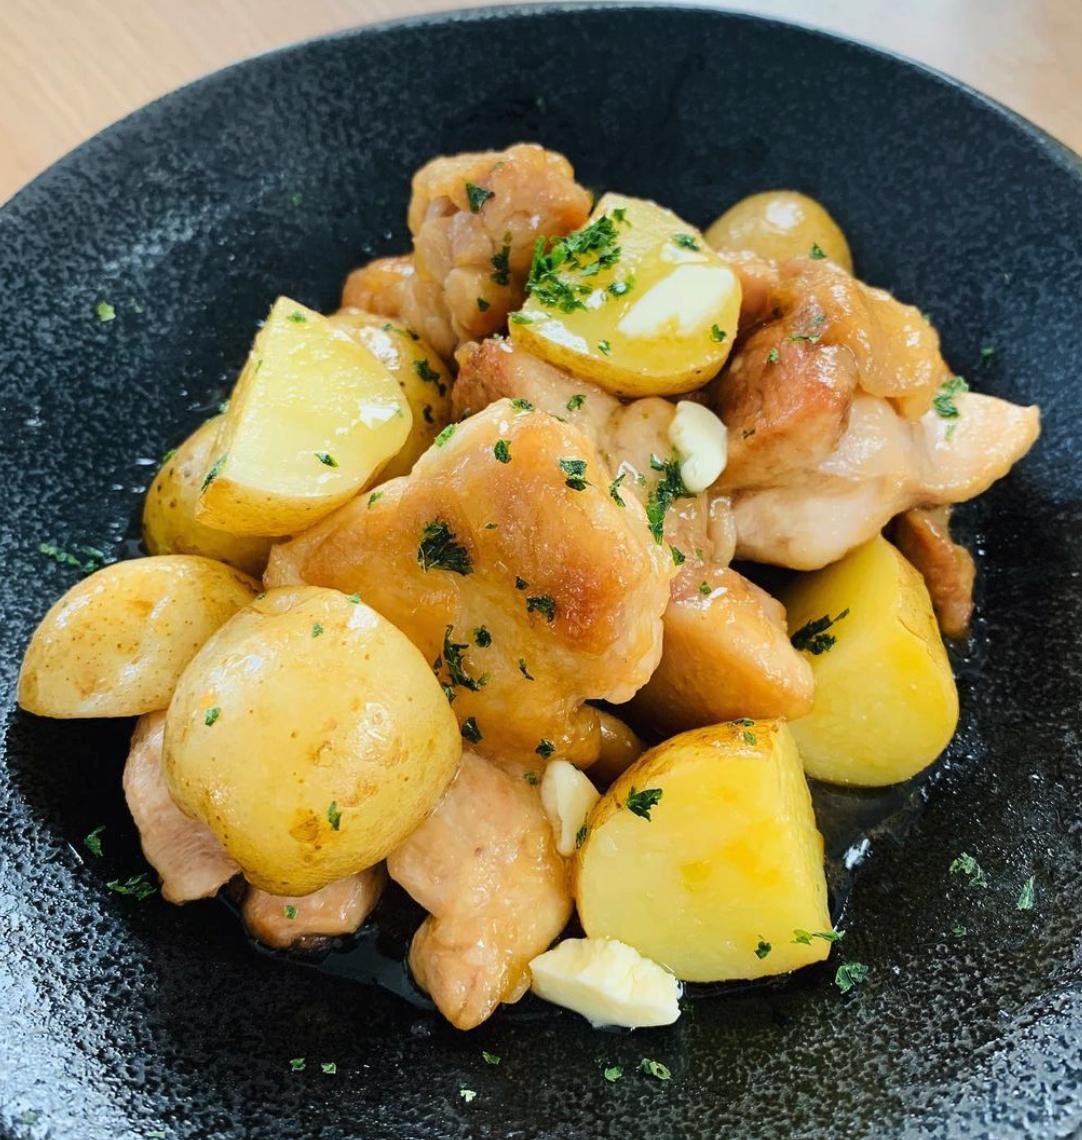 (レシピ)鶏肉と新じゃがで作るバター風味の照り焼き